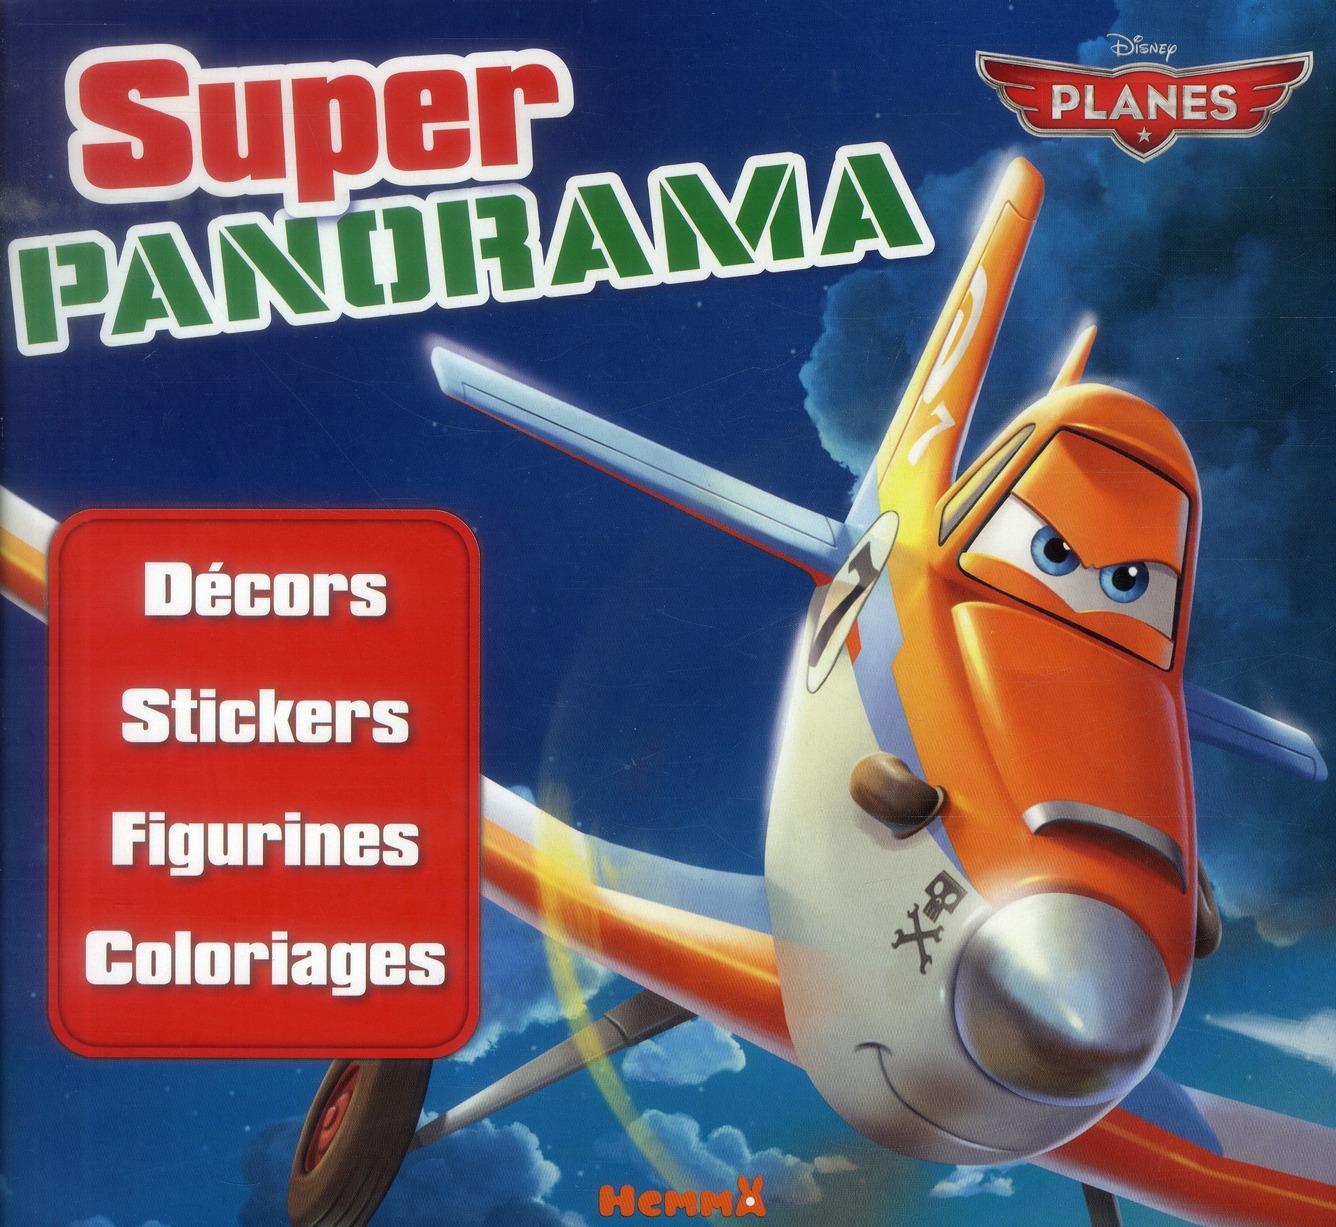 PLANES SUPER PANORAMA